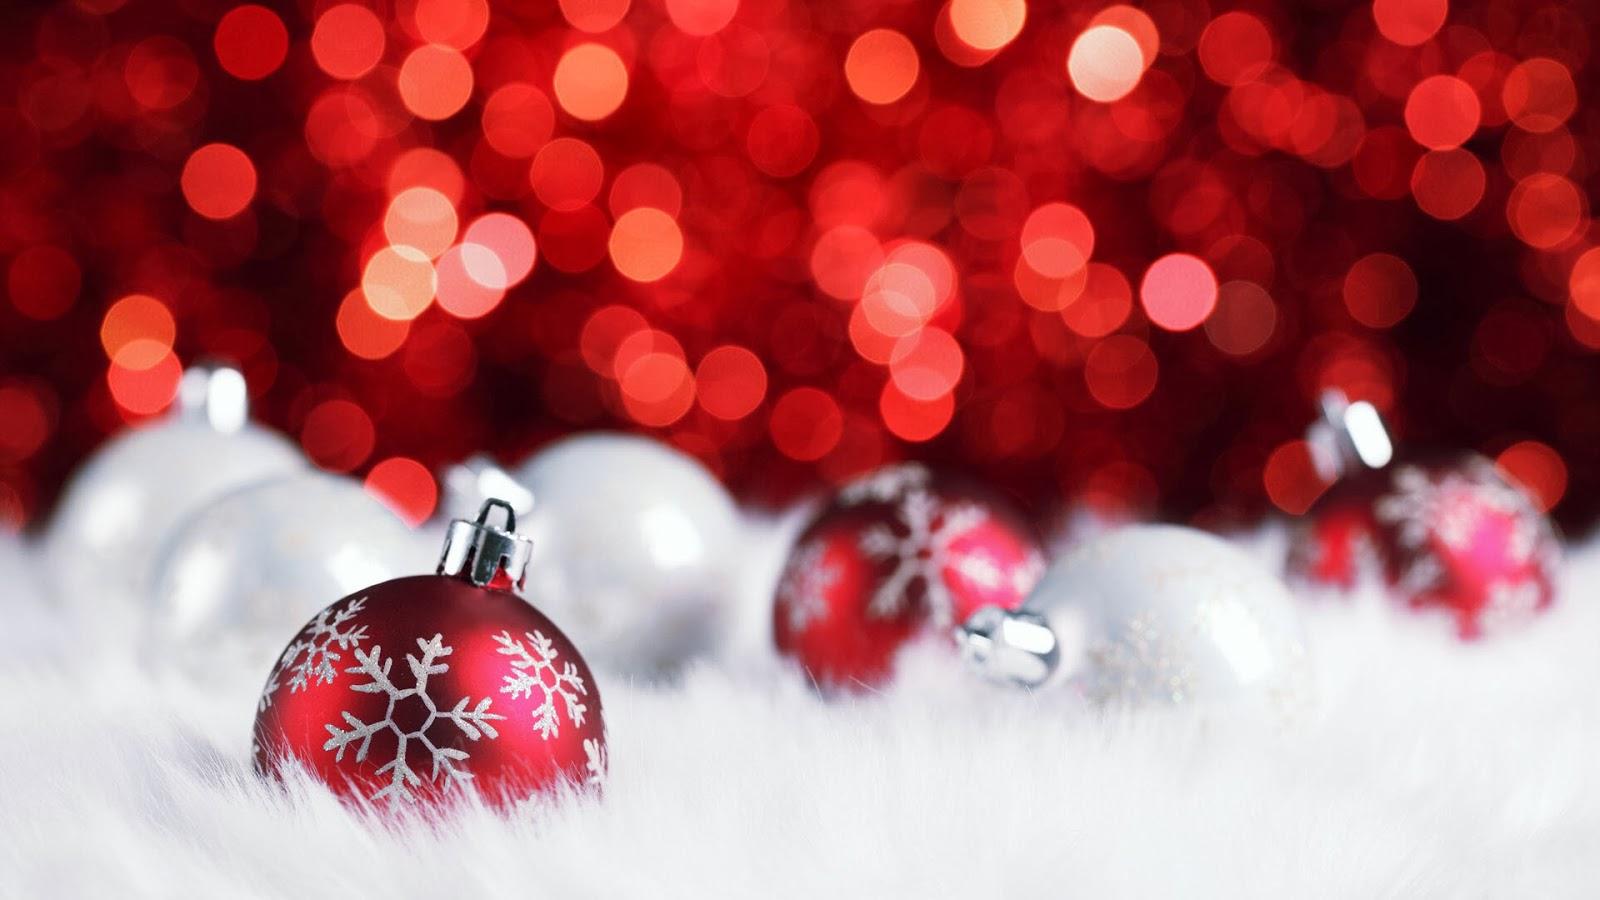 Desktop Backgrounds 4U Christmas Scenes 1600x900